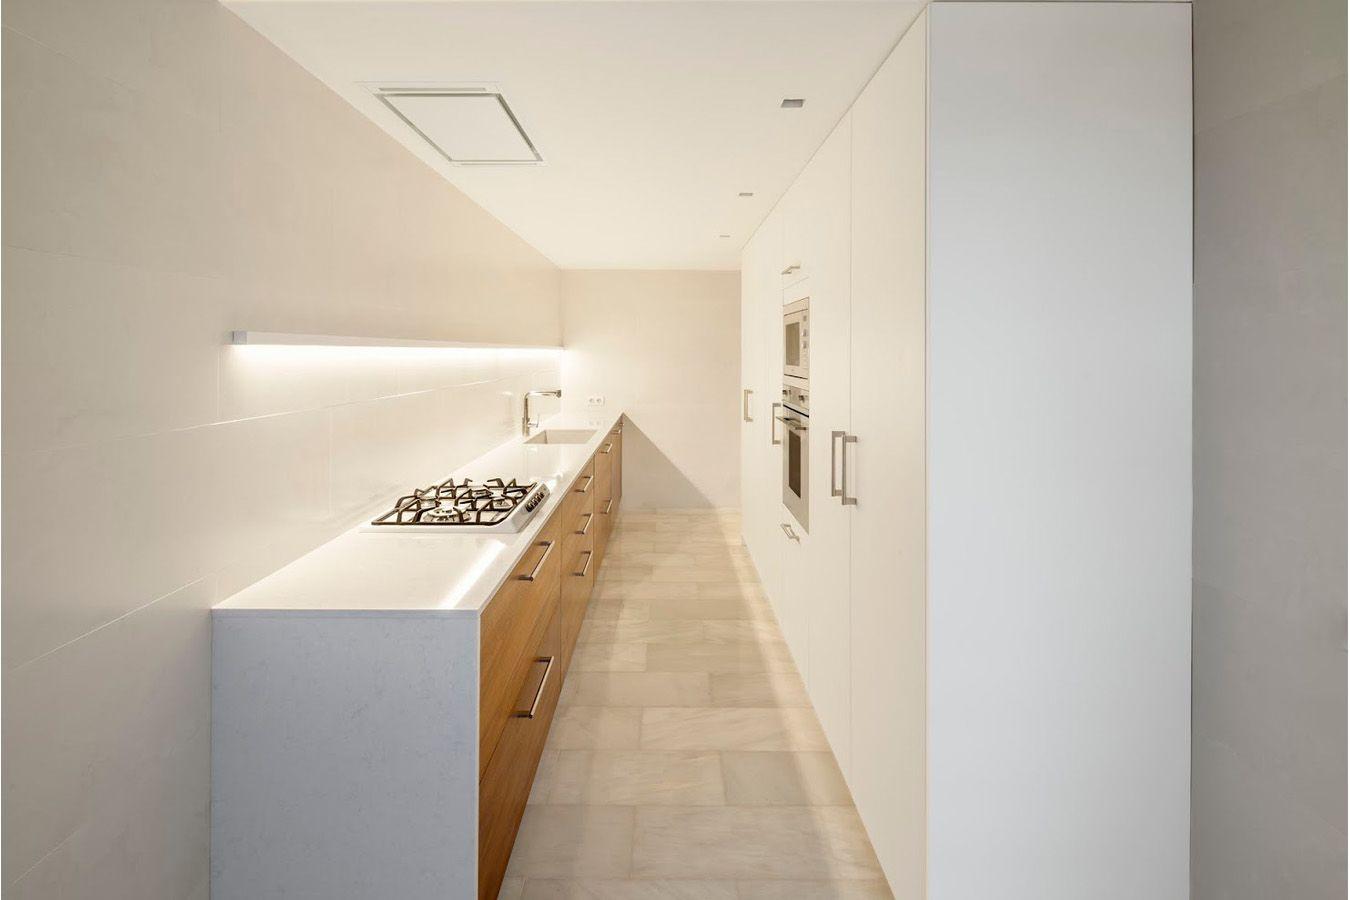 lange, smalle witte keuken met houten kastjes - keuken | pinterest, Deco ideeën